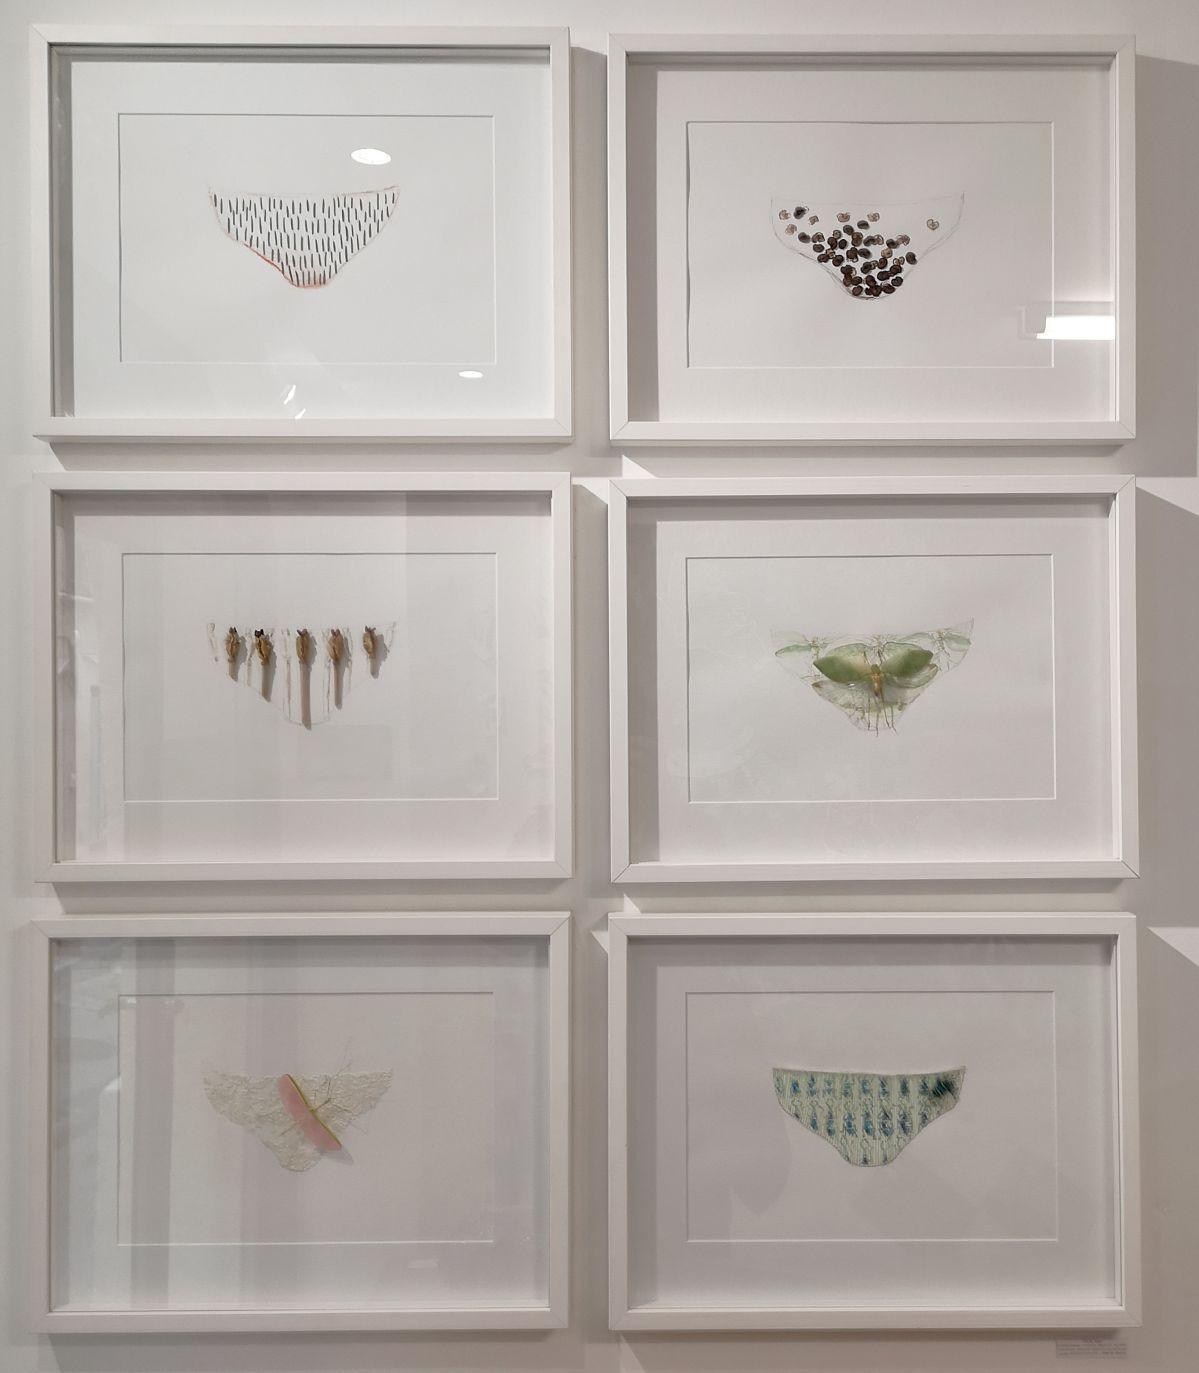 Cécile Hug - Entres jambe, 2014 - NO PROHIBIDA à la N5 galerie - Vue de l'exposition - Photo En revenant de l'expo !